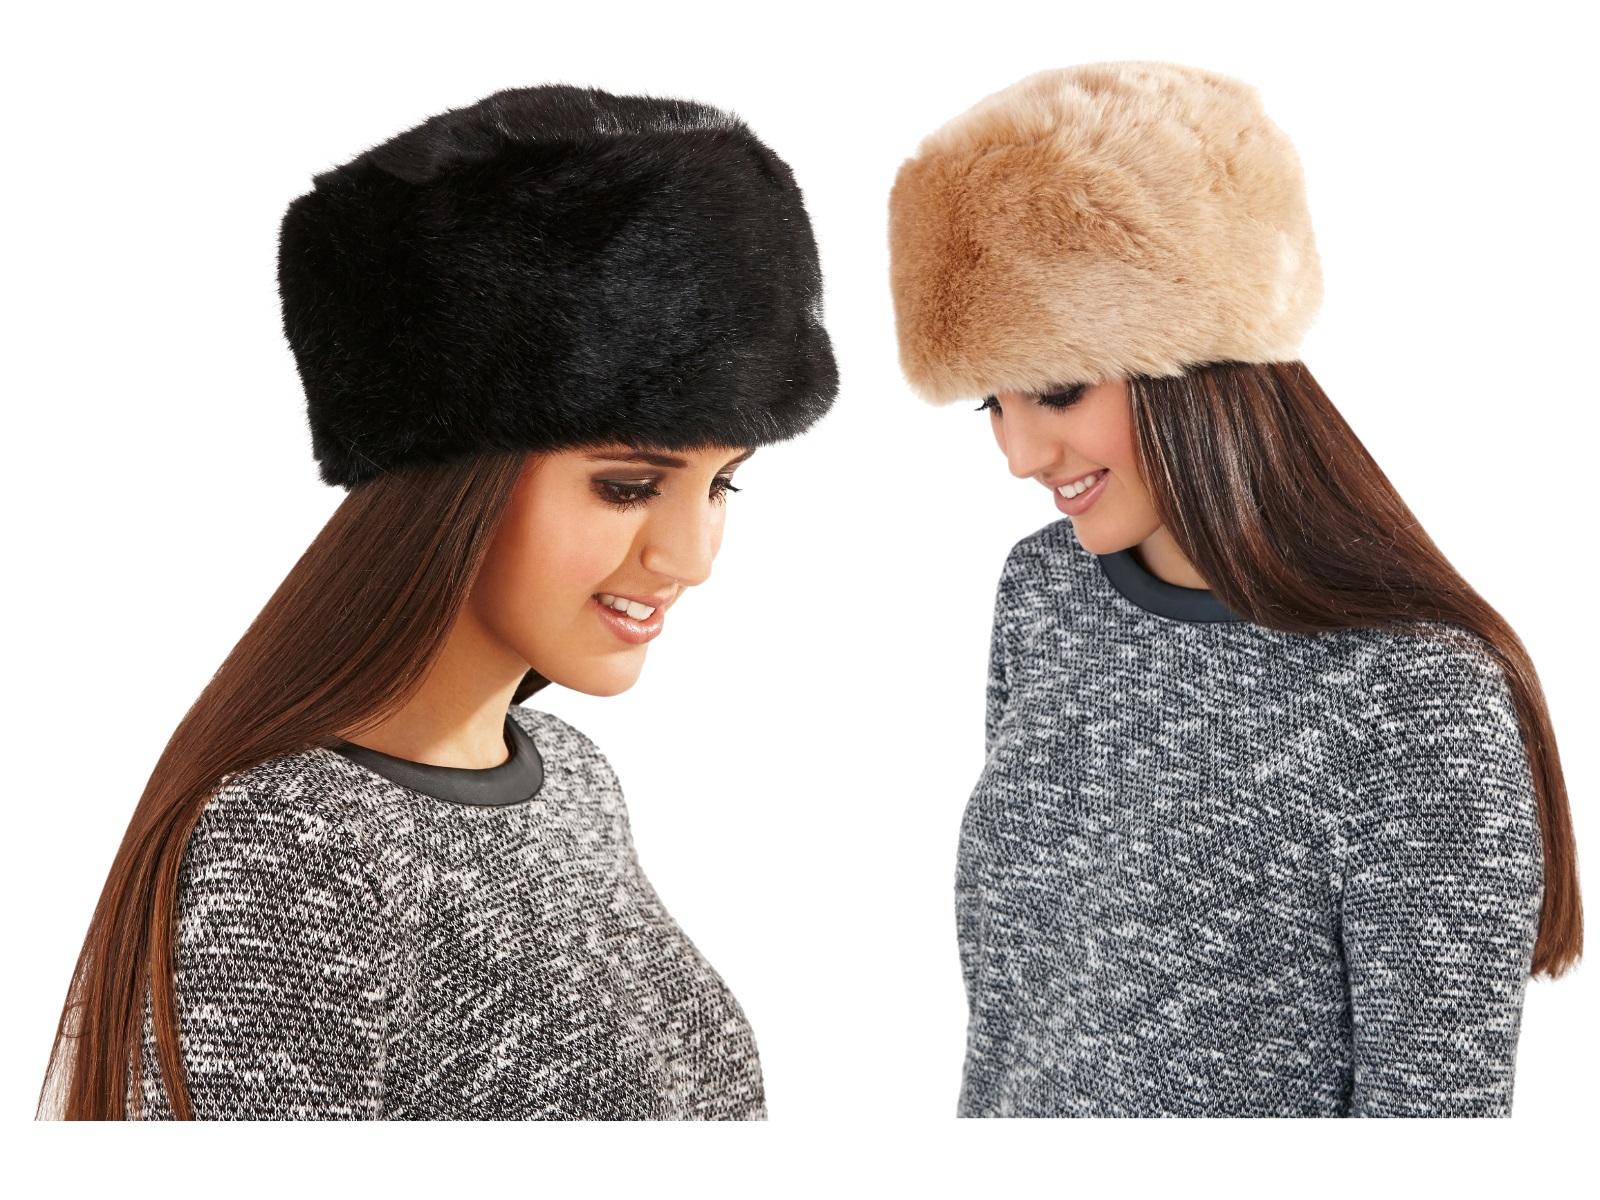 chapeau russe femme fourrure chapka bonnet russe fourrure. Black Bedroom Furniture Sets. Home Design Ideas